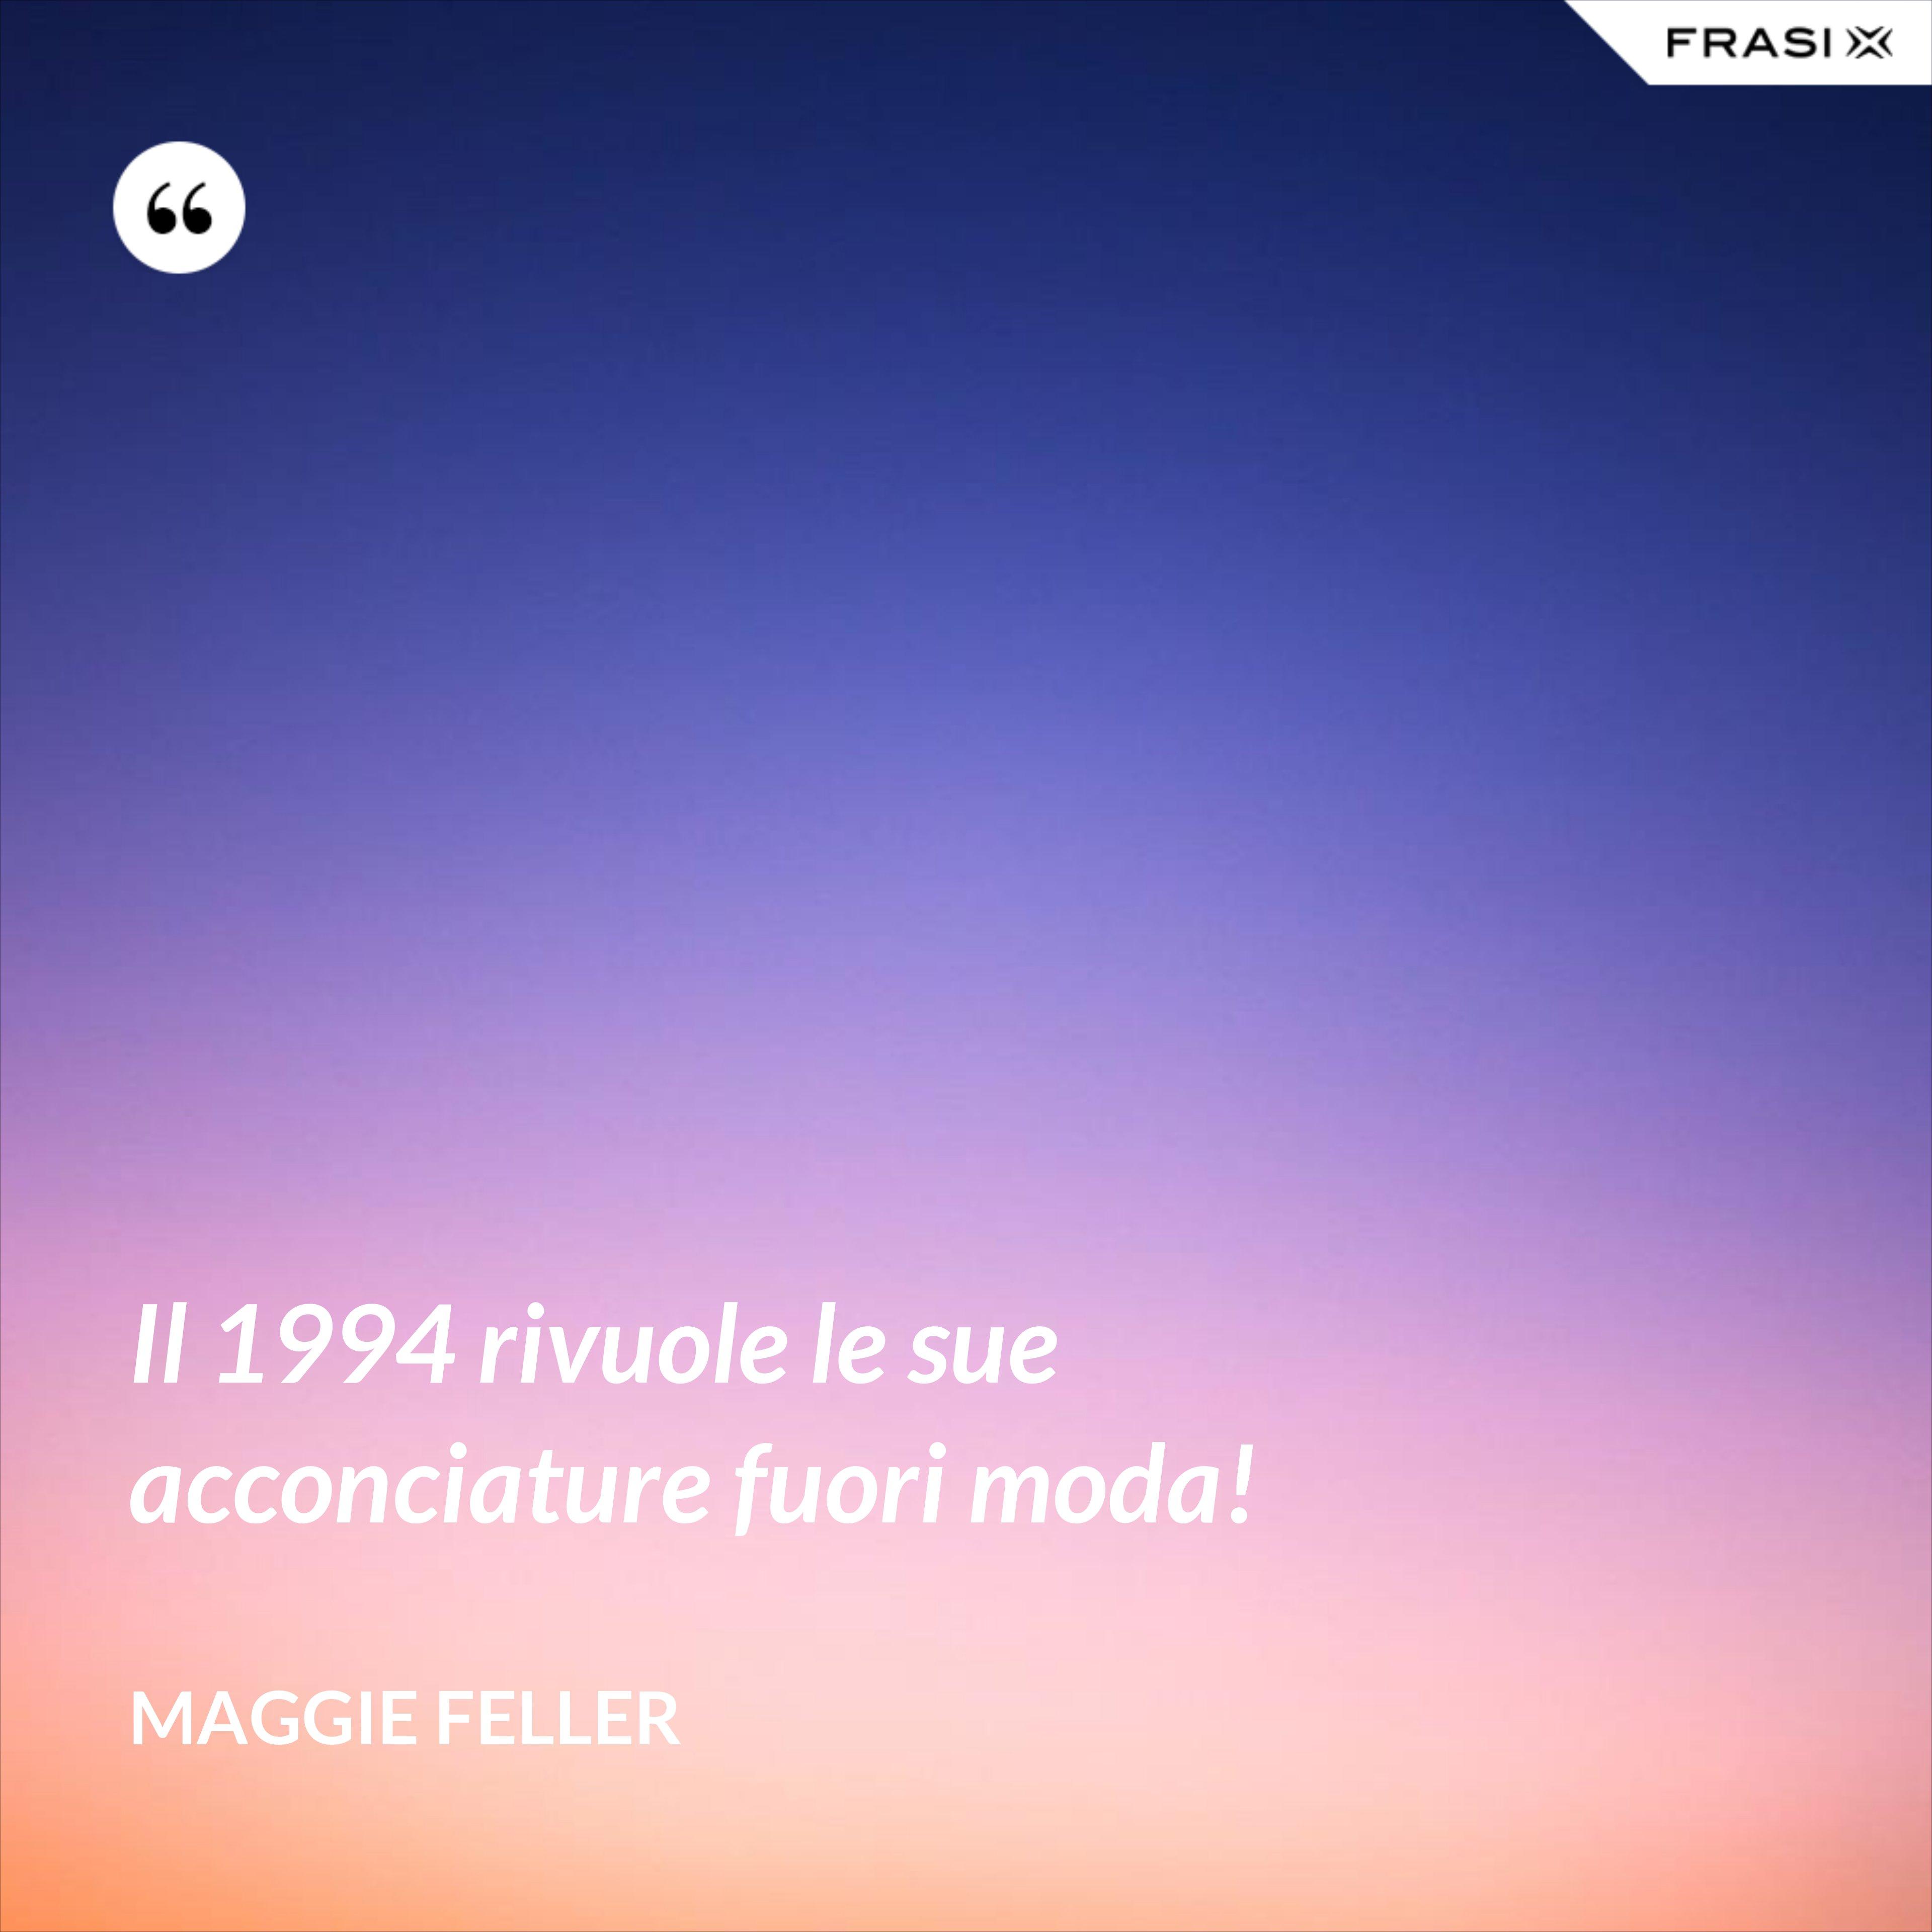 Il 1994 rivuole le sue acconciature fuori moda! - Maggie Feller